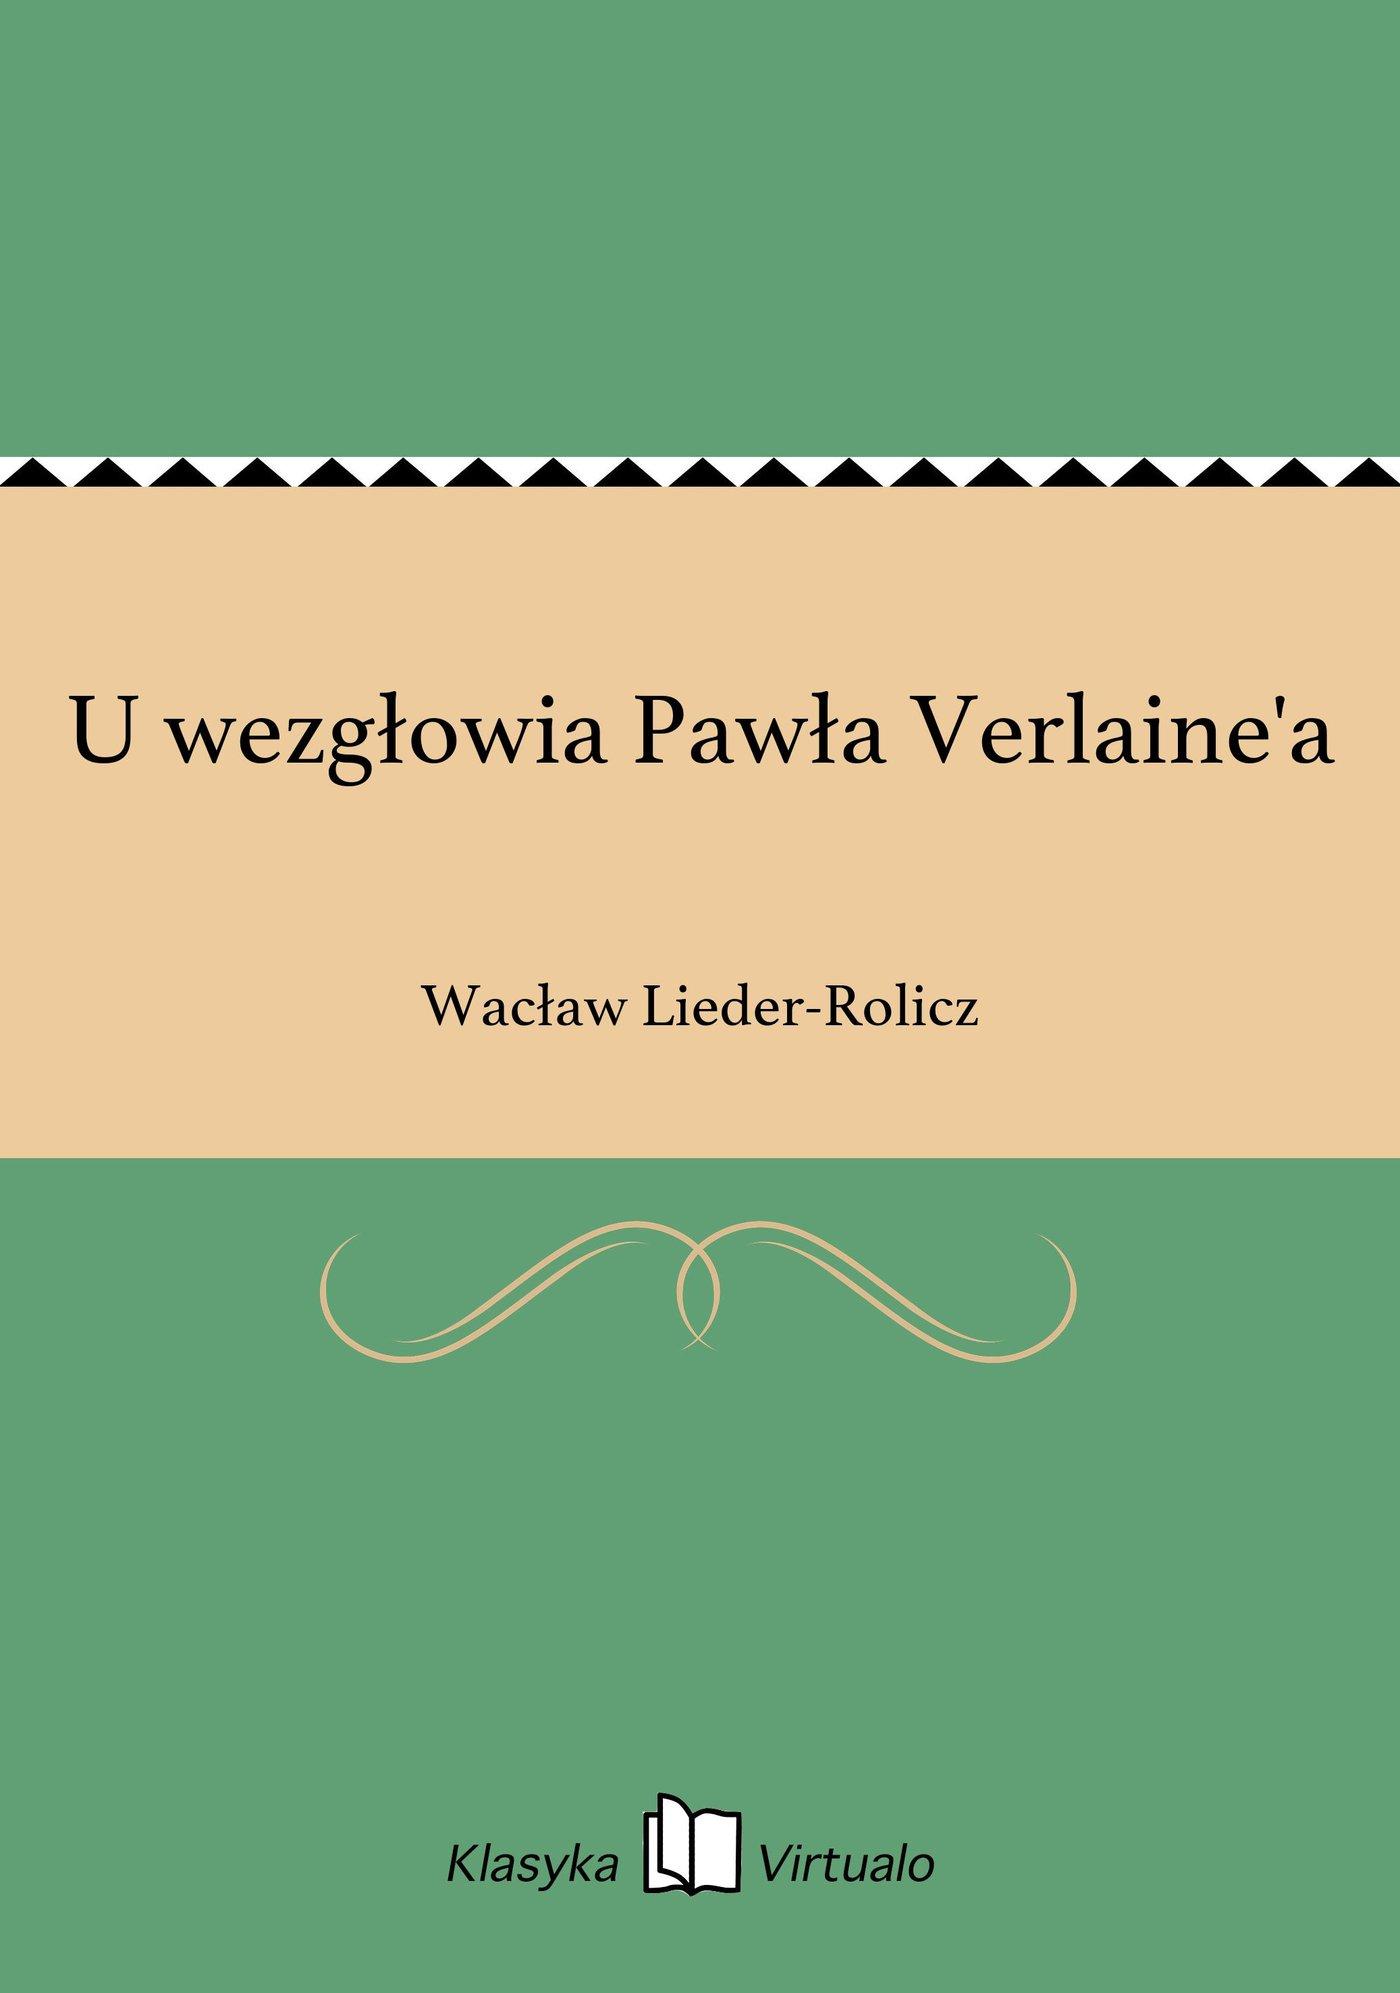 U wezgłowia Pawła Verlaine'a - Ebook (Książka EPUB) do pobrania w formacie EPUB